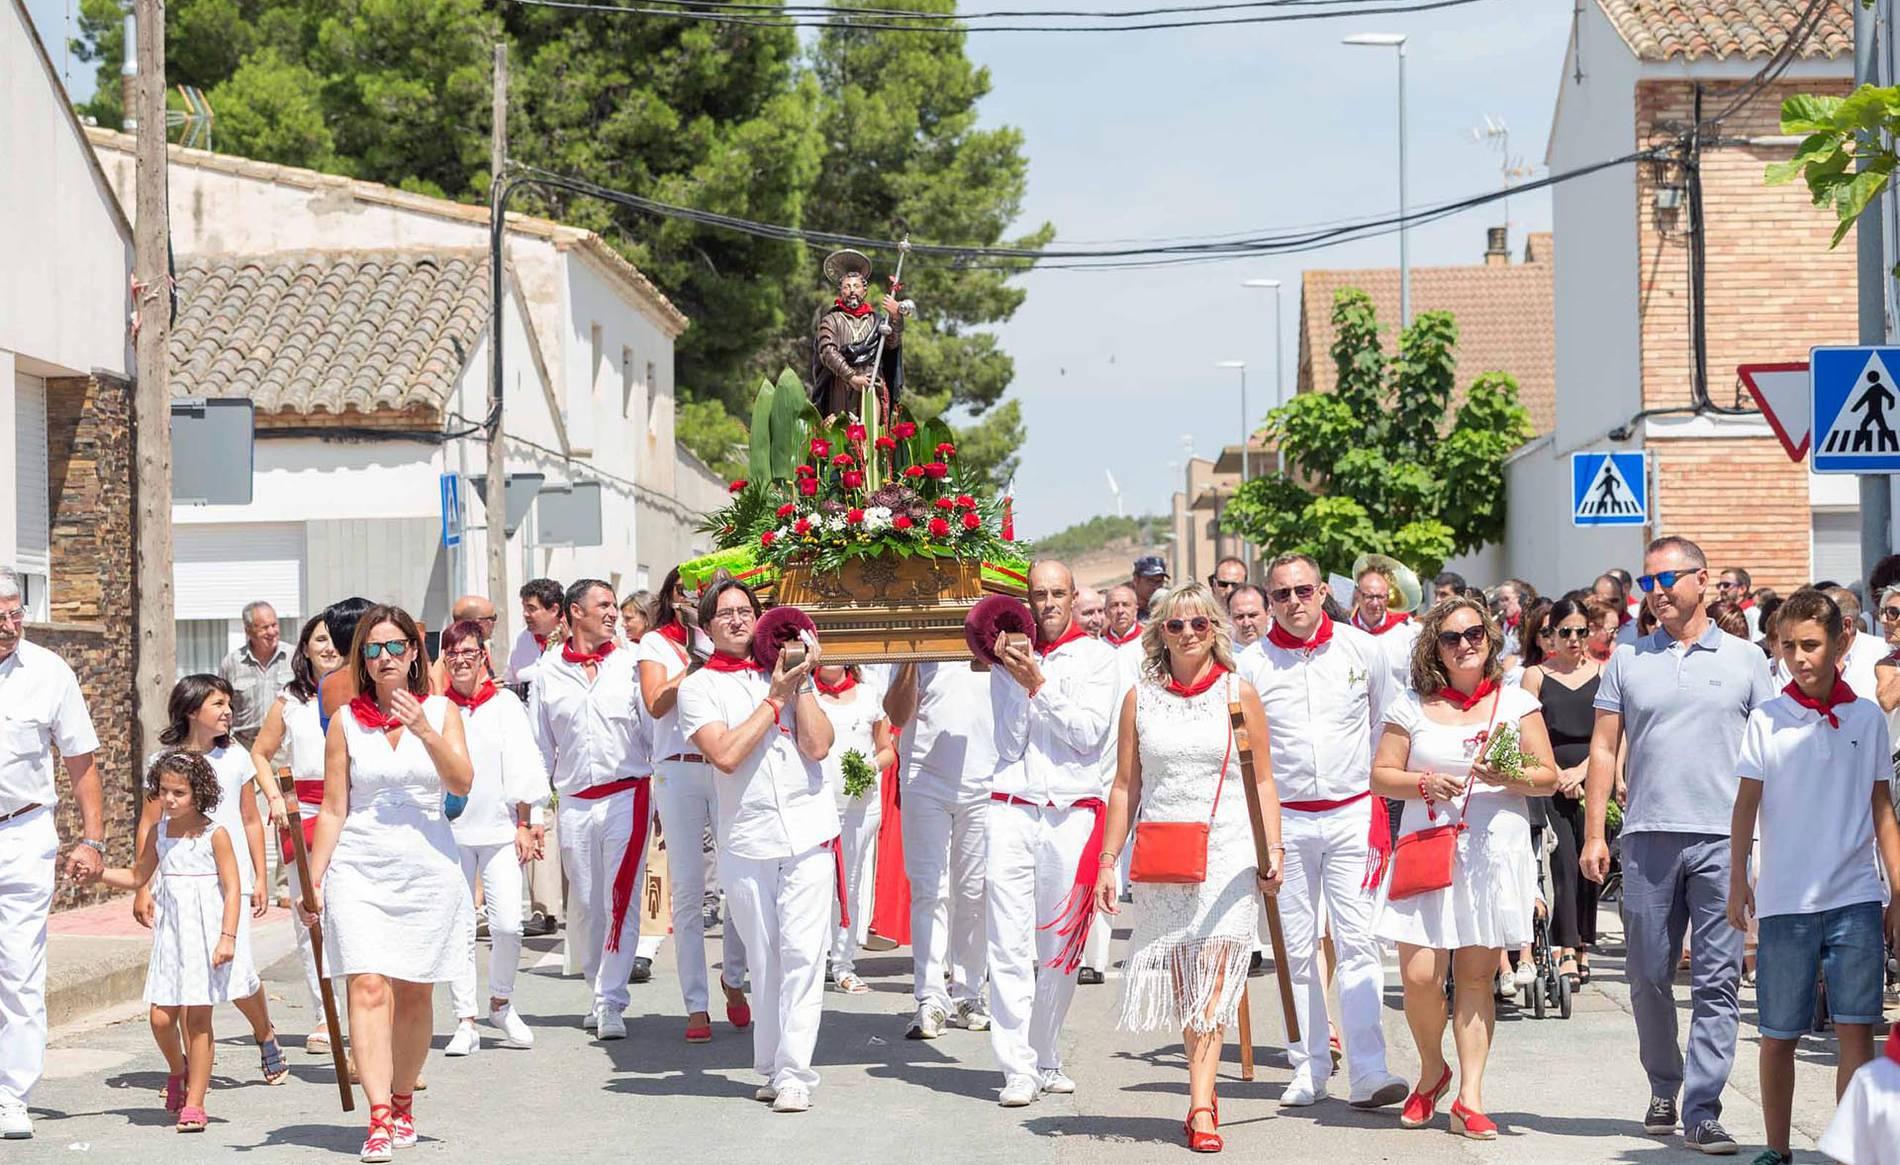 Cabanillas celebra su día grande de las fiestas (1/23) - Imágenes del día grande de las fiestas de Cabanillas - Tudela y Ribera -